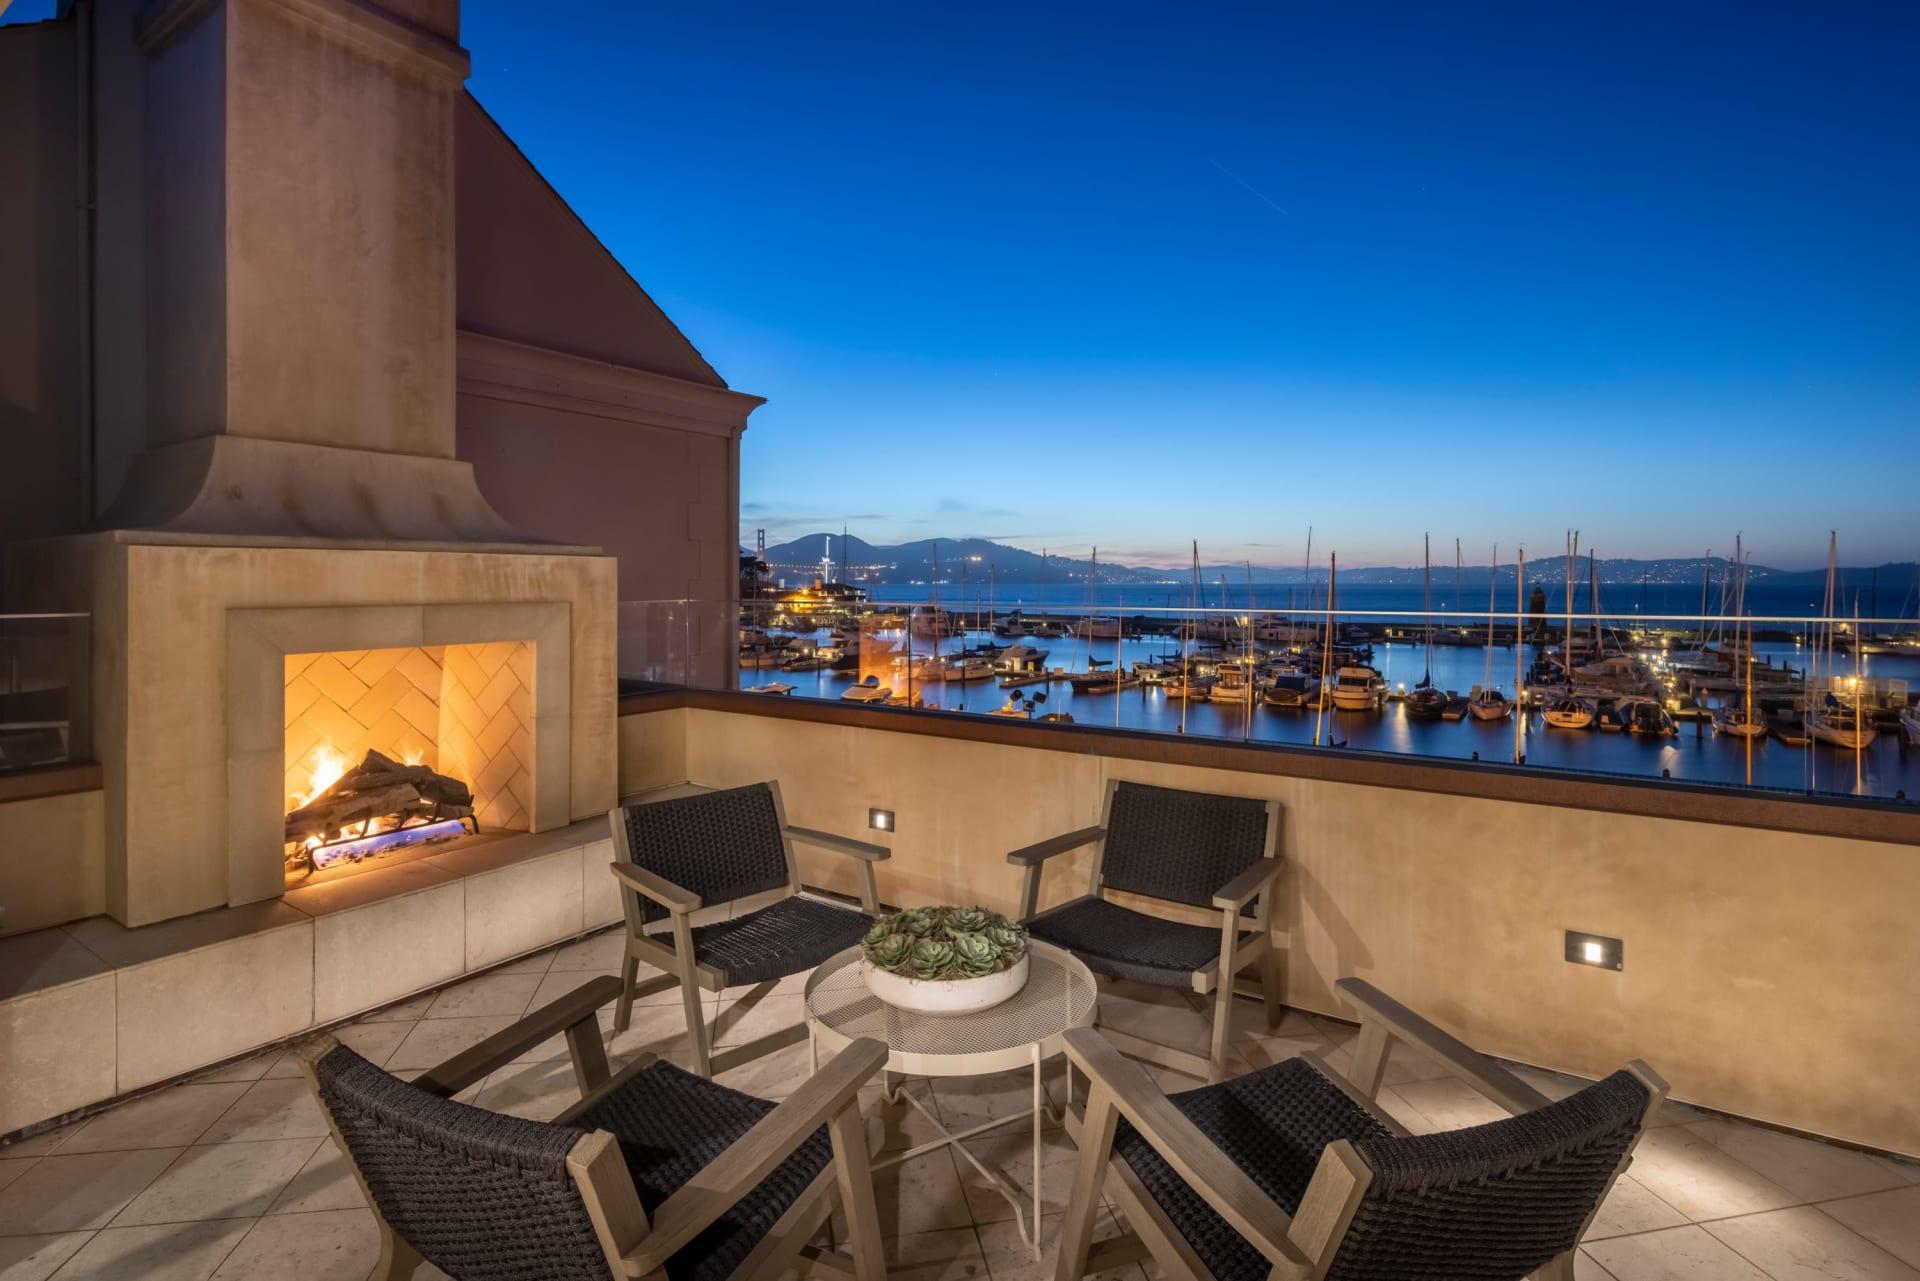 Marina Blvd Masterpiece | $9,750,000